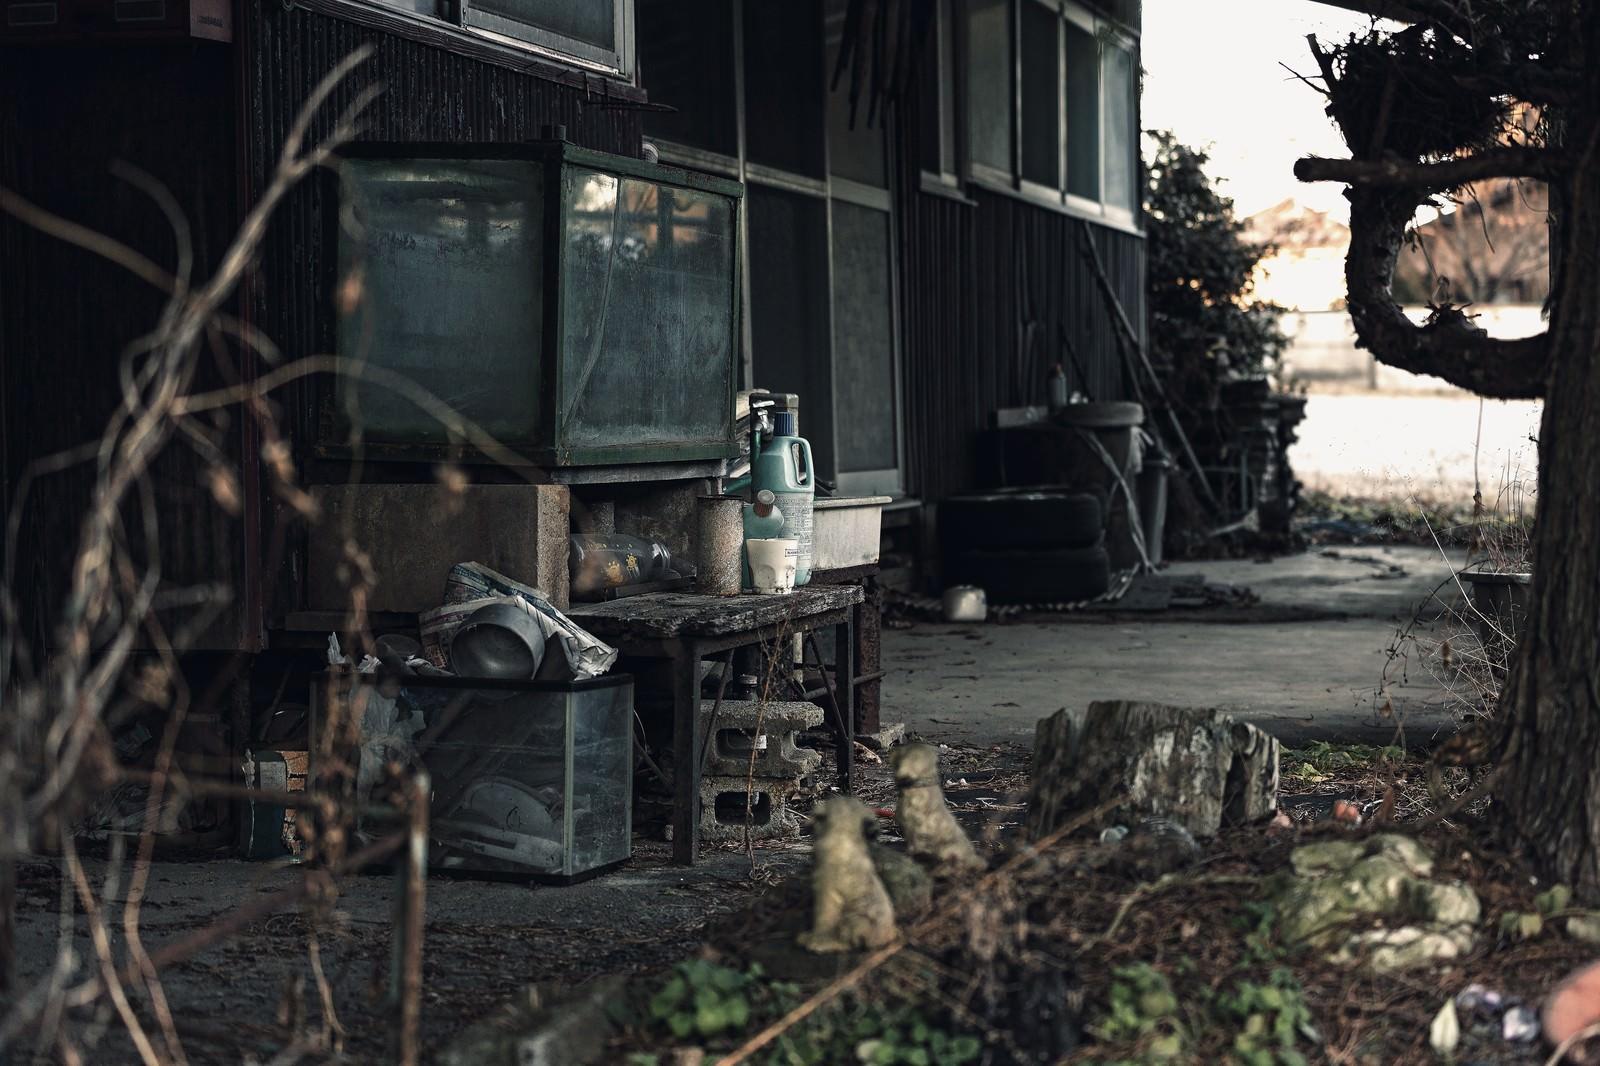 「不気味な廃屋の庭」の写真